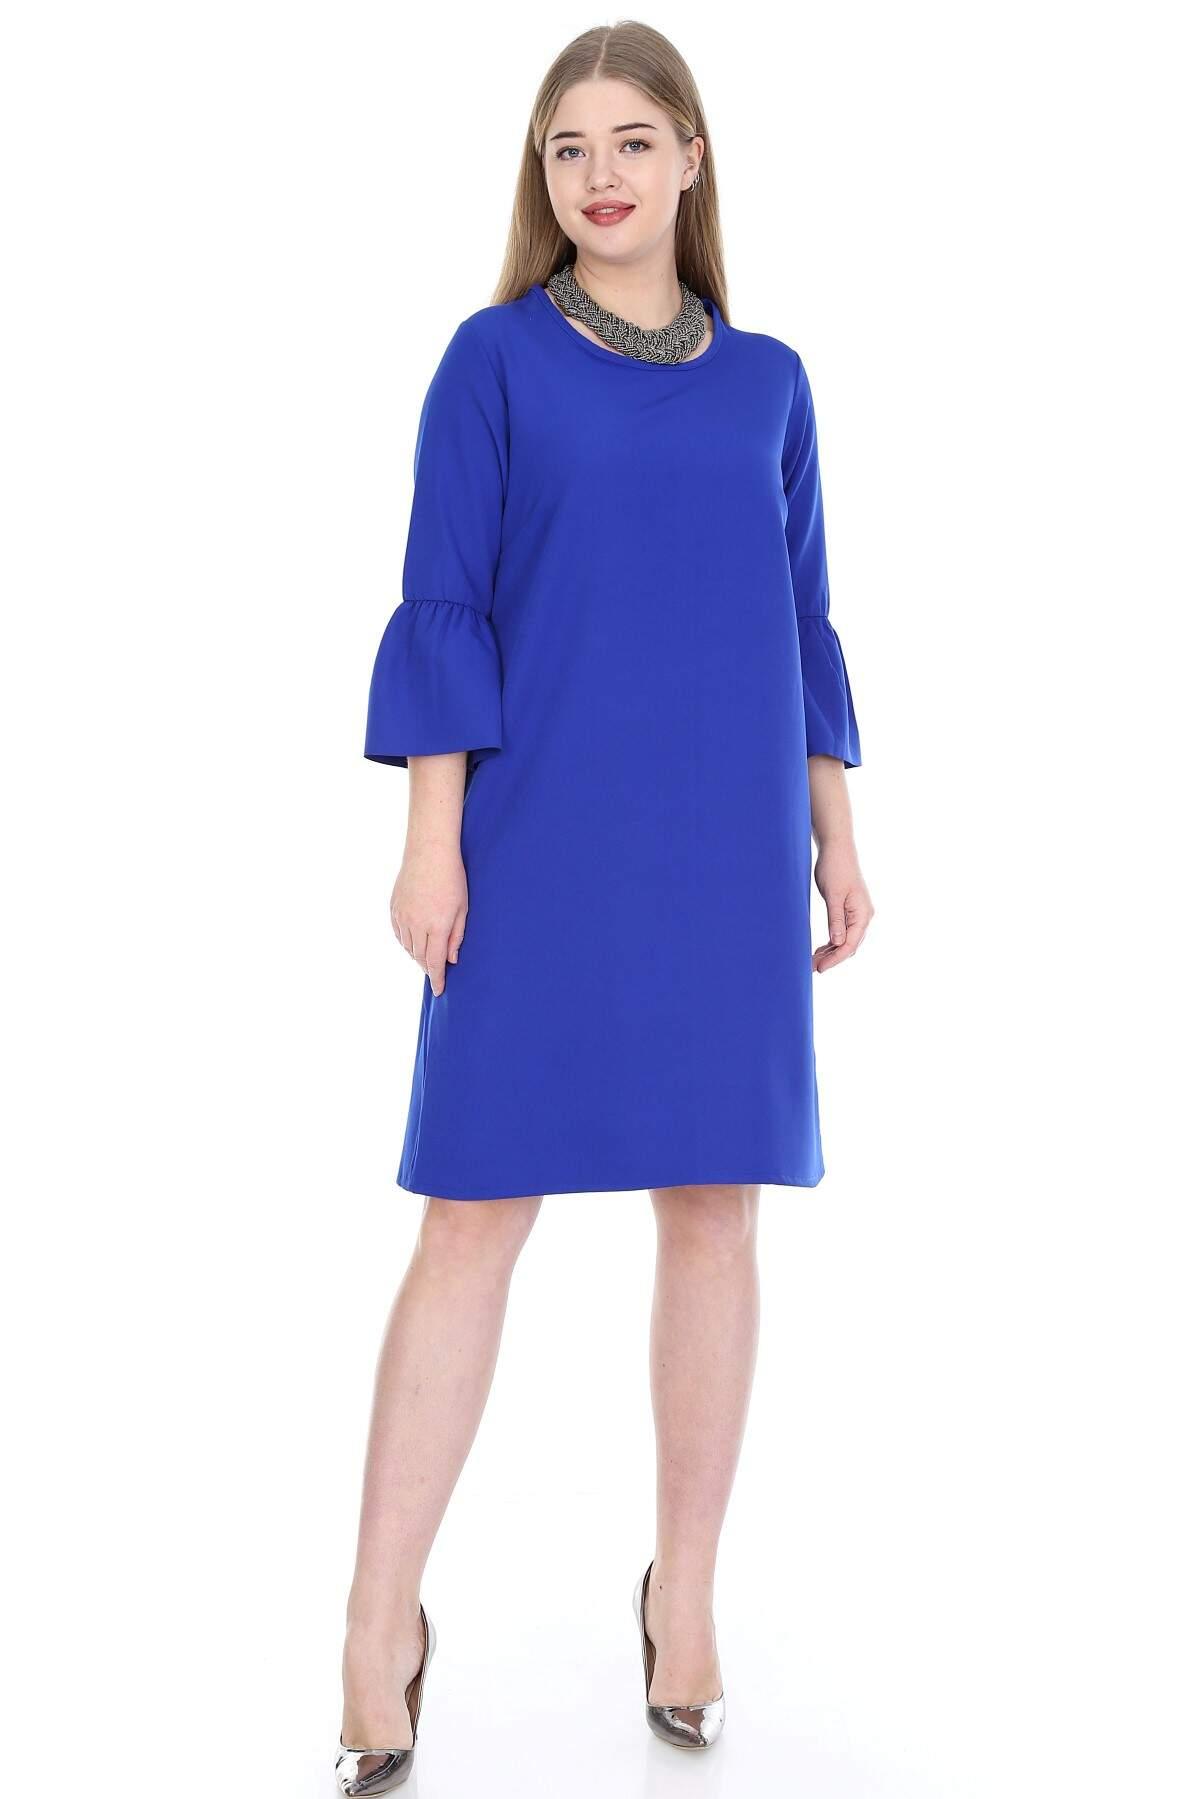 Büyük Beden Kampanyalı Elbise KL807sx